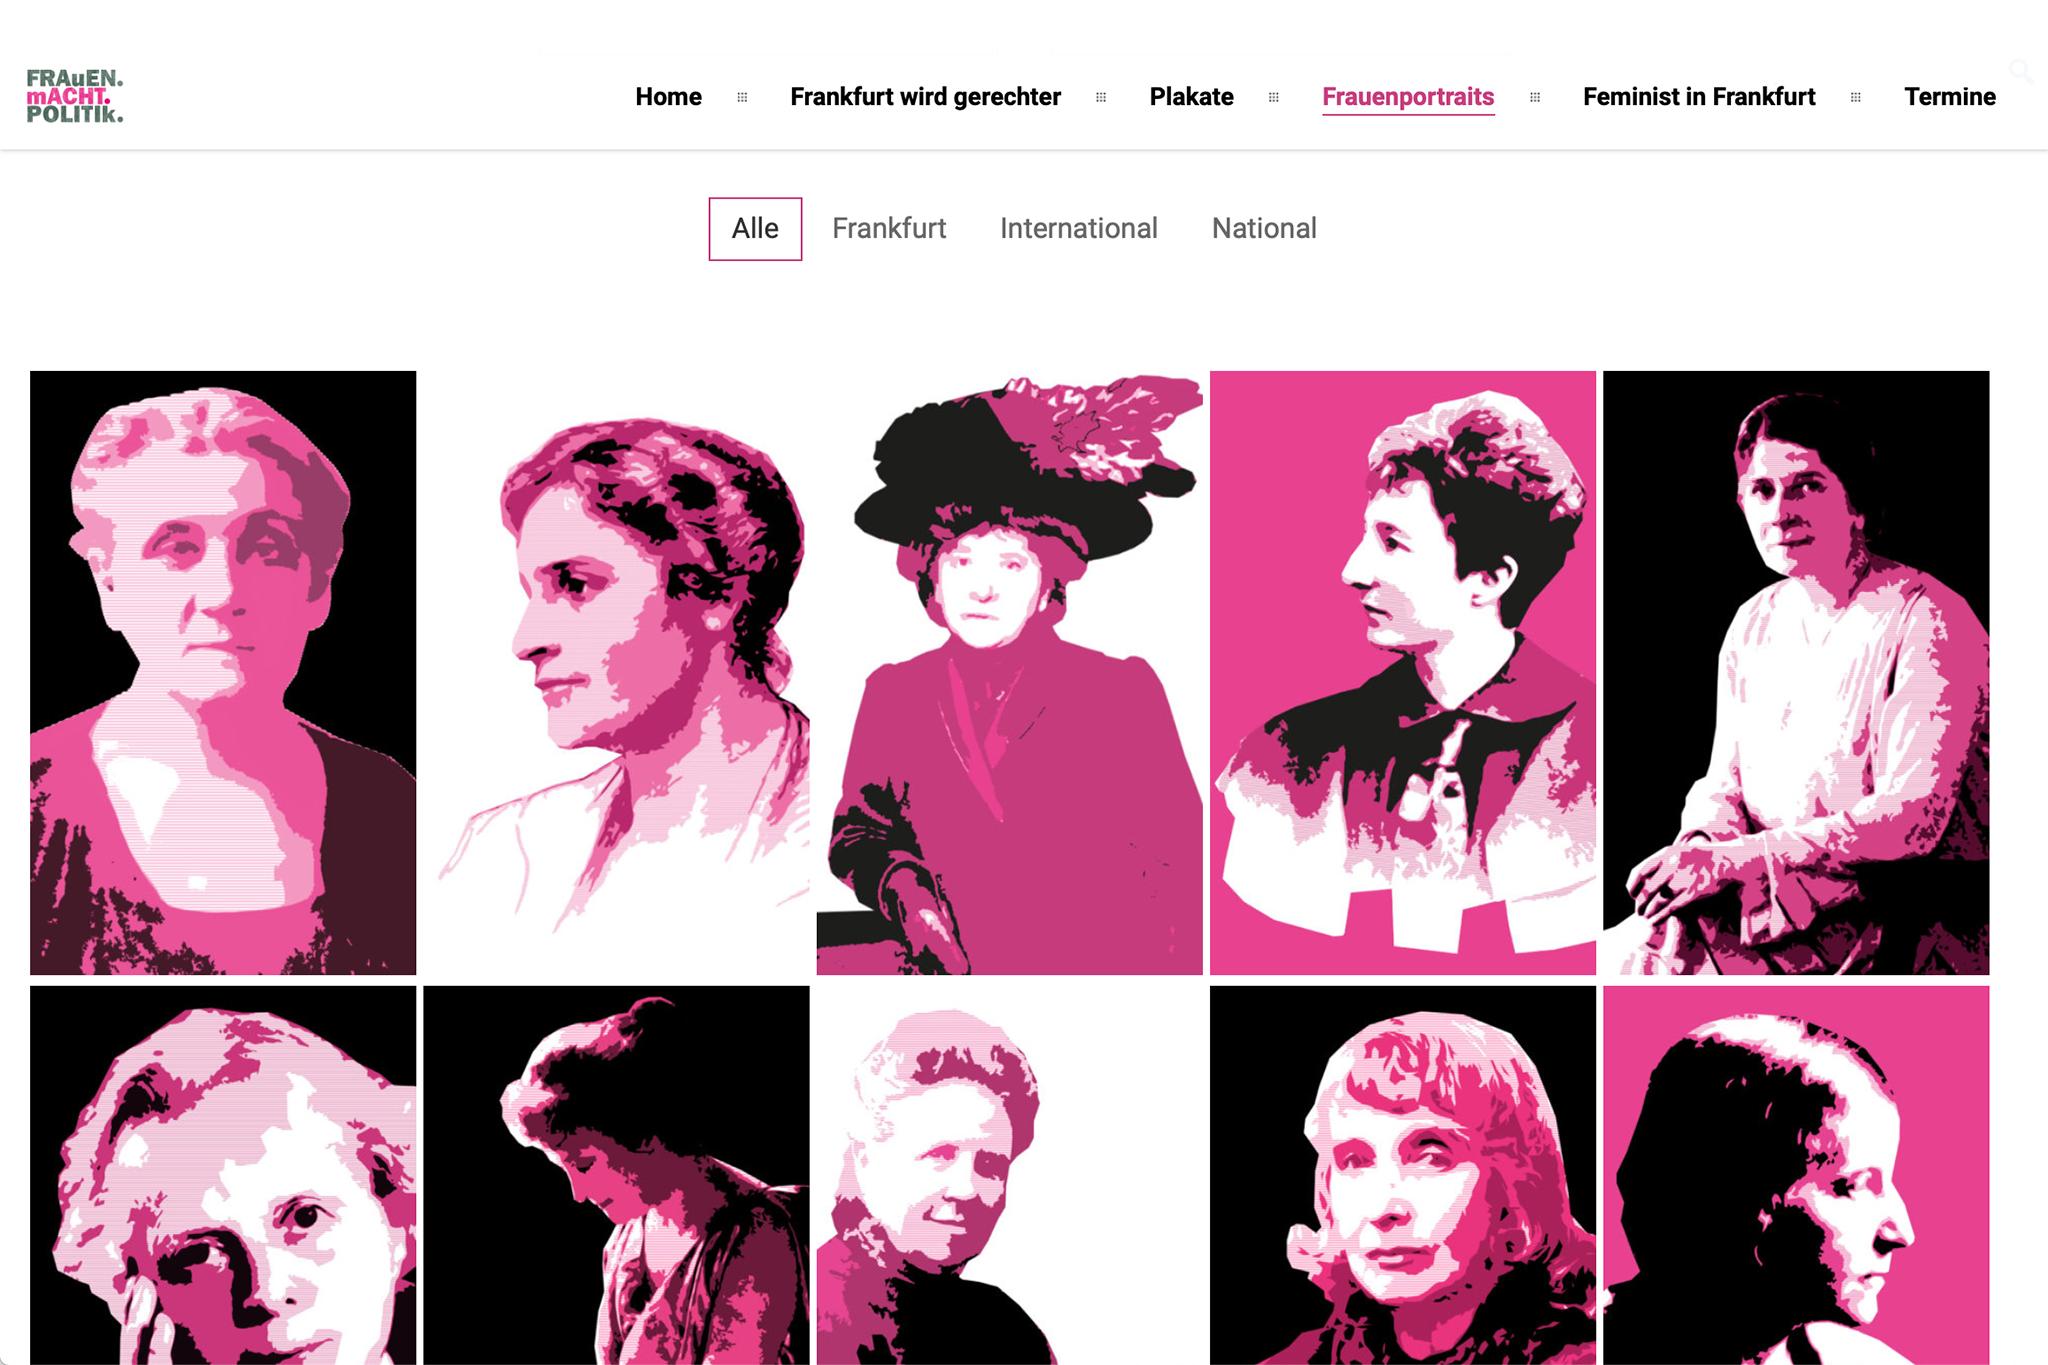 Frauen Macht Politik, Frauenreferat Frankfurt | Design: Johannes Willwacher